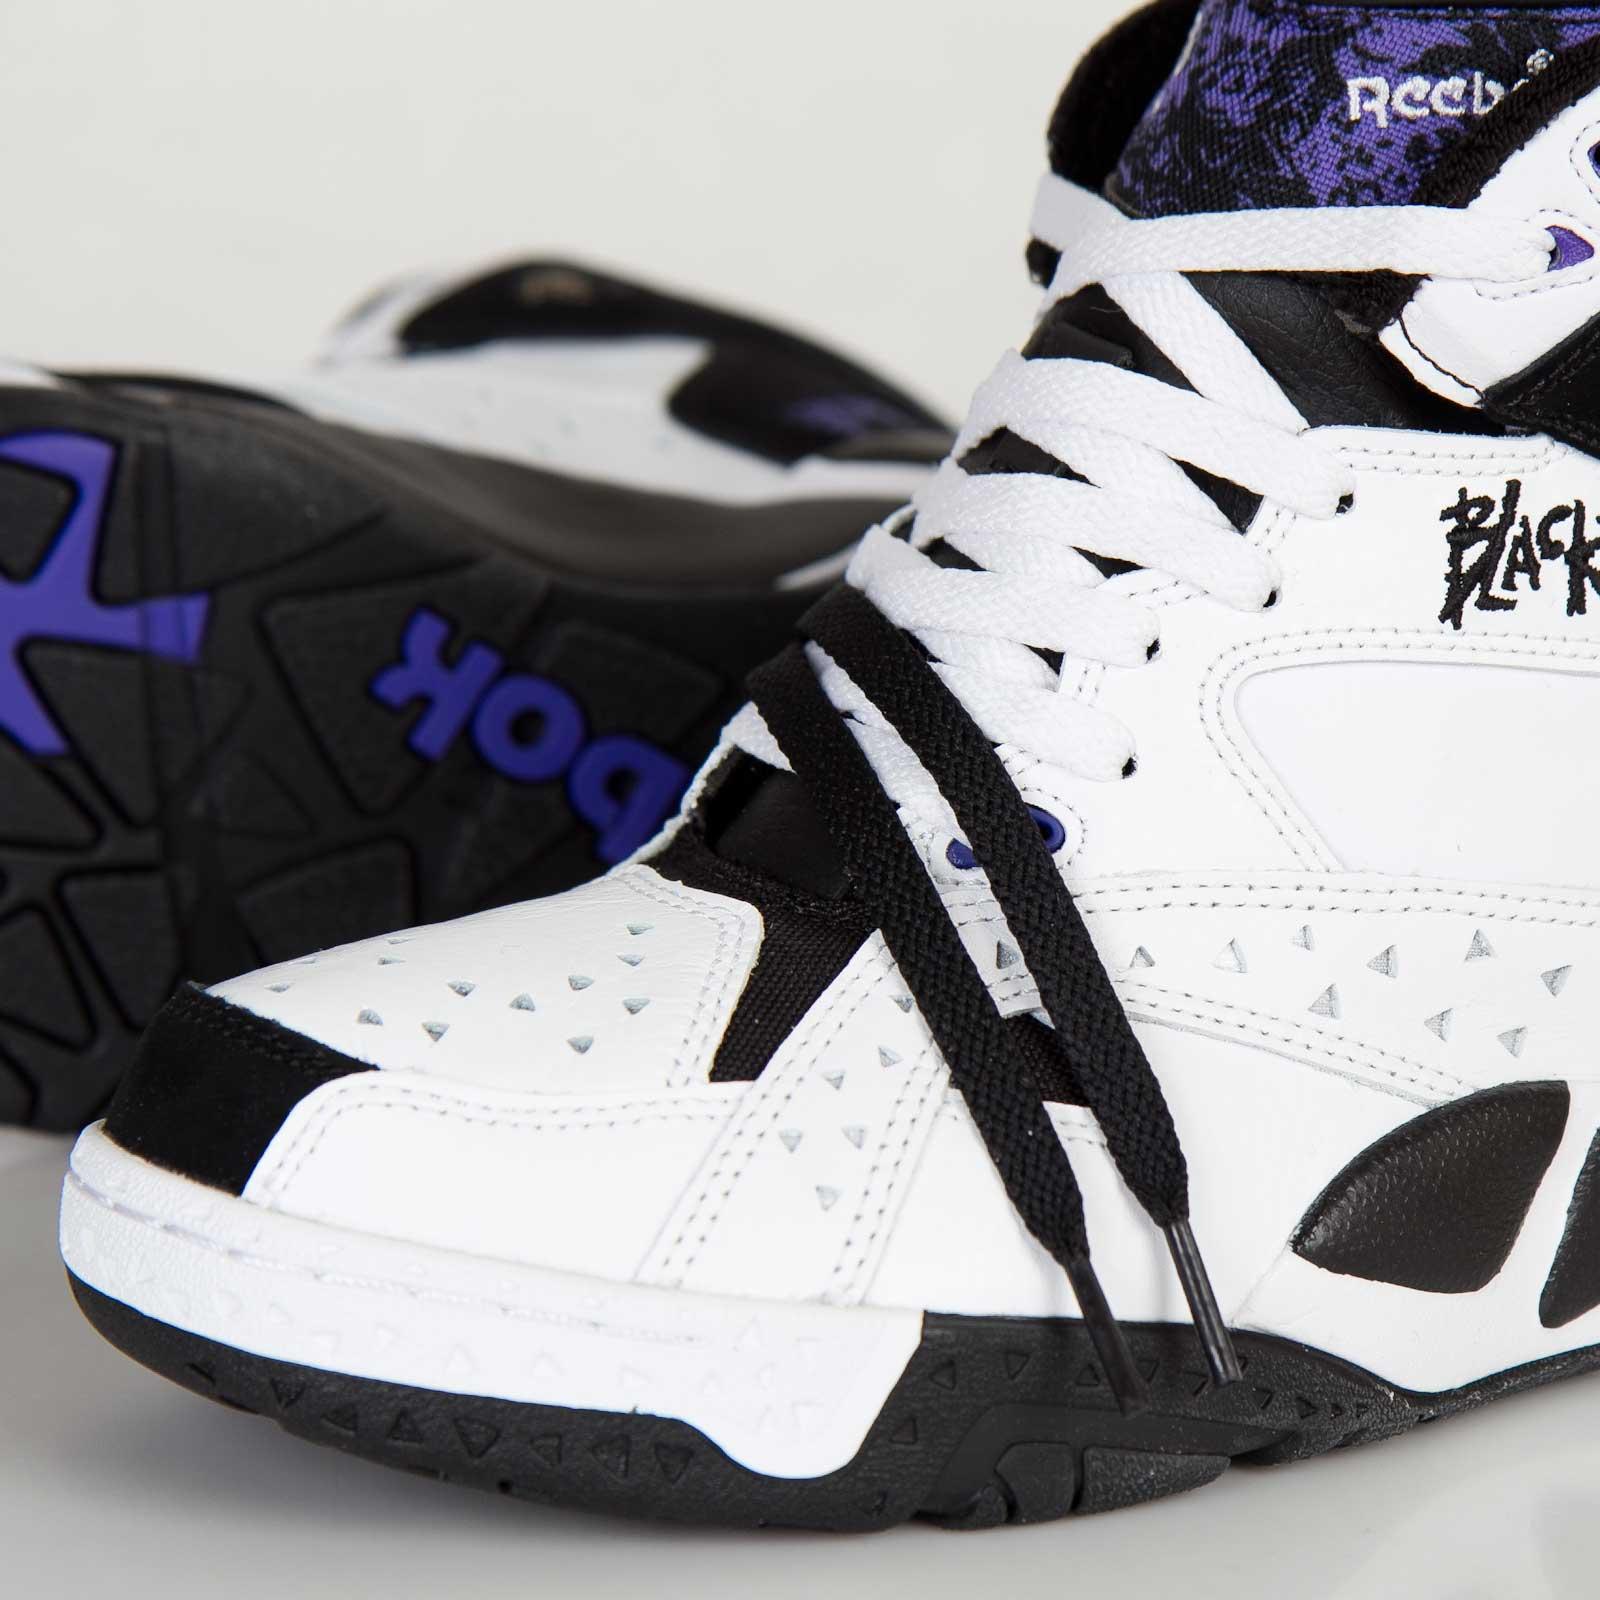 1d6562841a7 Reebok Blacktop Battleground - V55494 - Sneakersnstuff